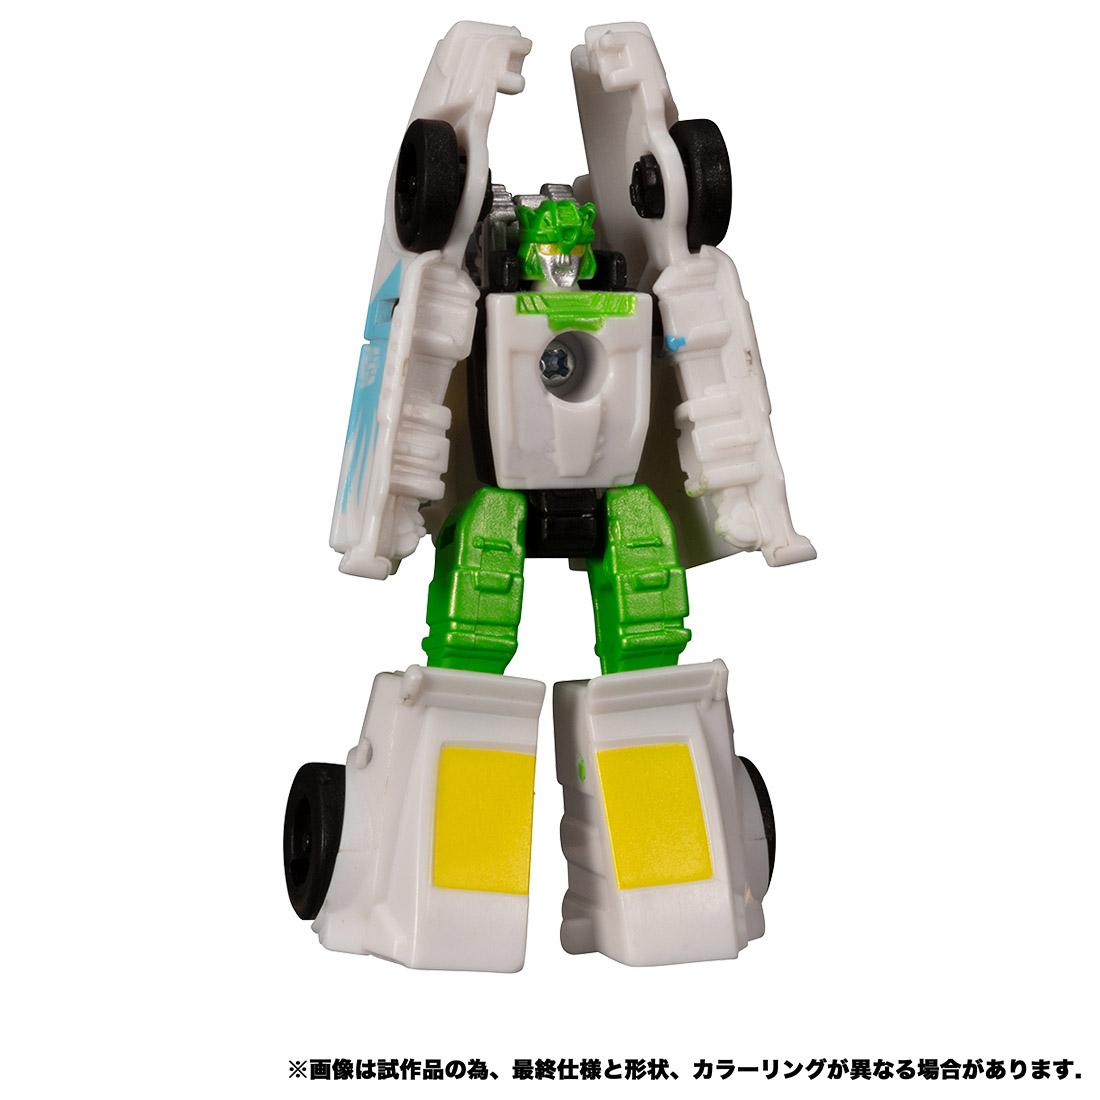 【限定販売】トランスフォーマー アースライズ『ER EX-03 トリップアップ&ダディーオー』可変可動フィギュア-002